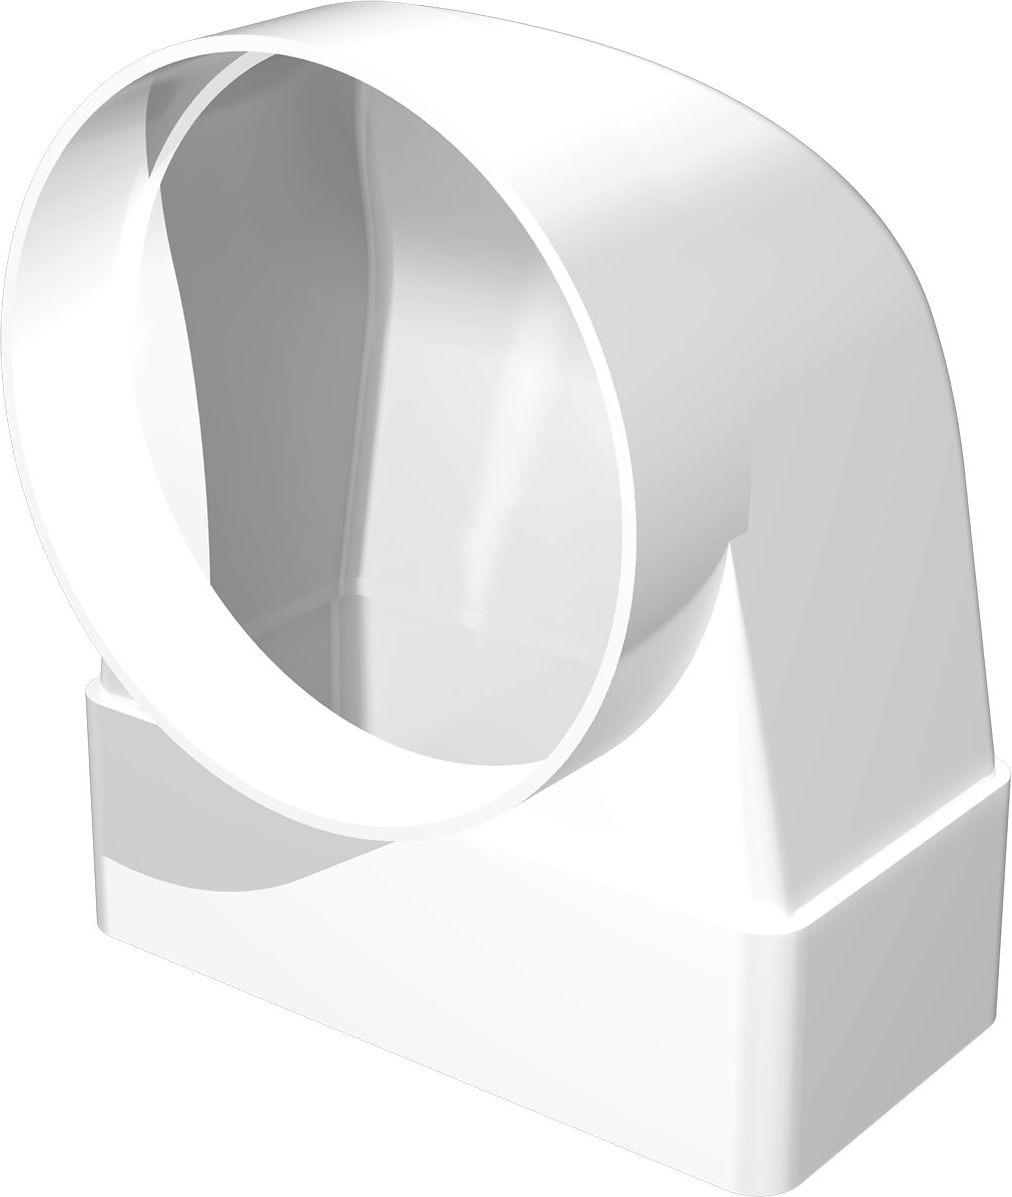 Соединительно-монтажный элемент ERA, 511СК10ФП, белый, угловой, 90°, для соединения плоского воздуховода с фланцевым воздухораспределителем накладка торцевая пластик 150х150 для воздуховода d100